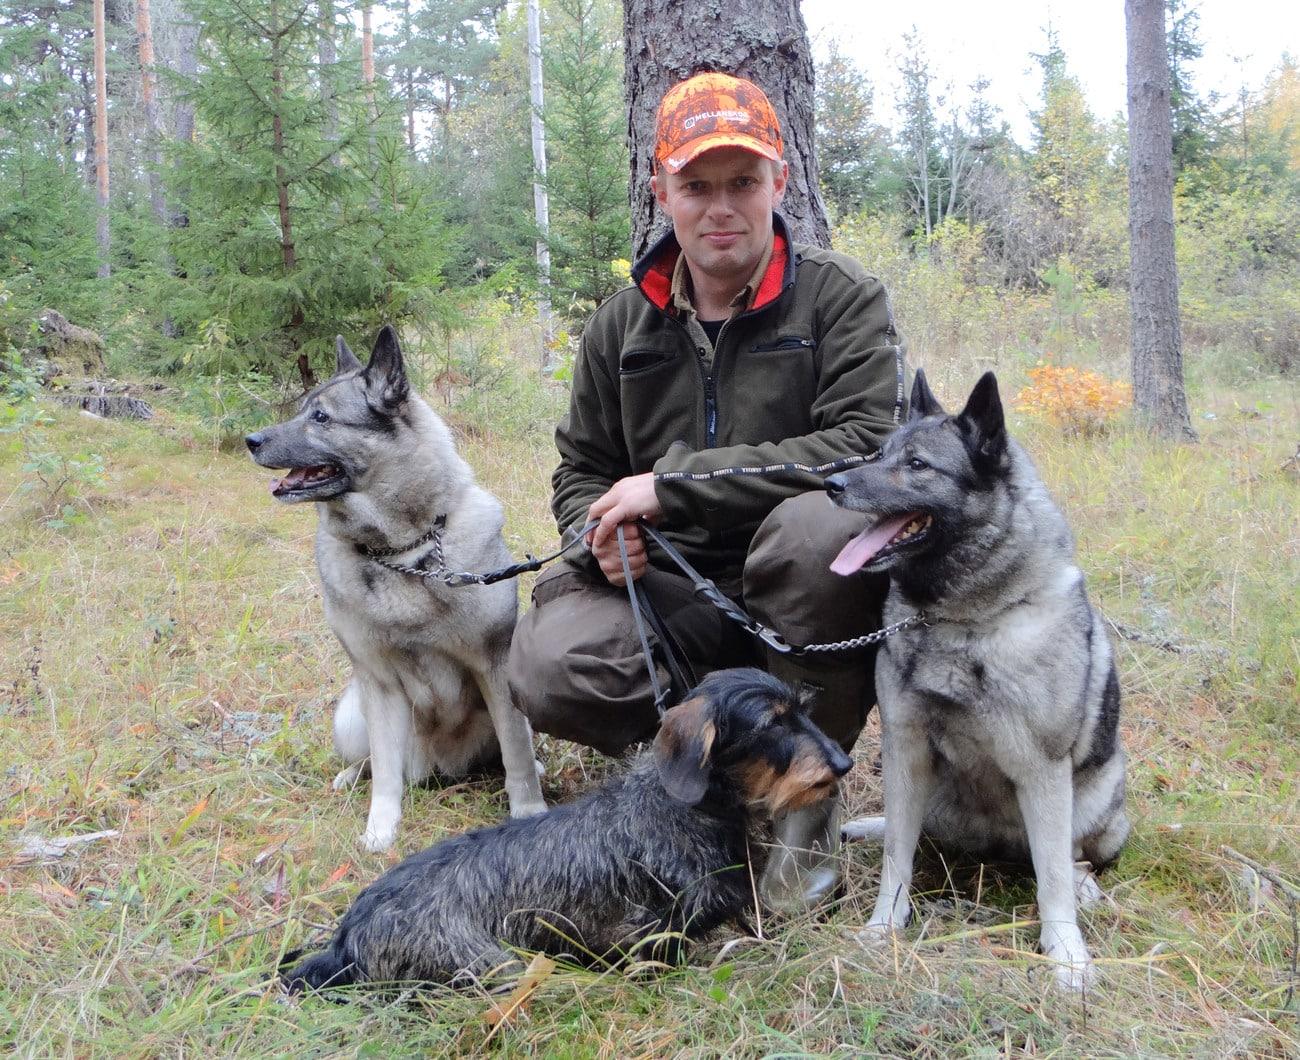 Björn Eek har tidigare arbetat som jaktvårdskonsulent på Svenska Jägareförbundet. Han tillträdde sin tjänst på SKK i slutet av förra året. Foto: Stephan Ackerstierna